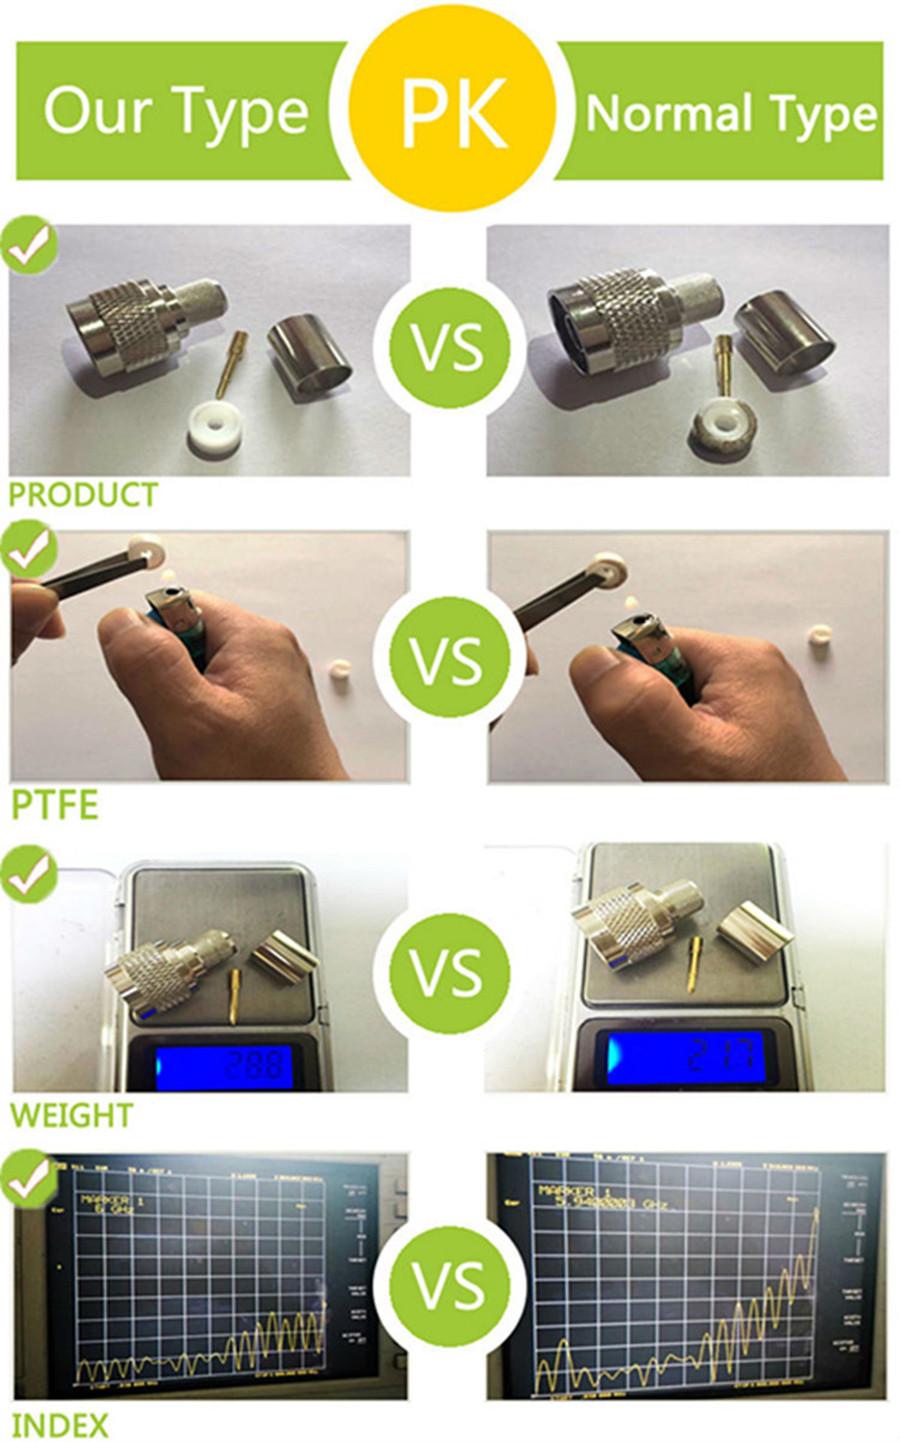 Rg Series Rg59,Rg6,Rg213,Rg214,Rg58 Cctv Coaxial Cable - Buy Rg ...